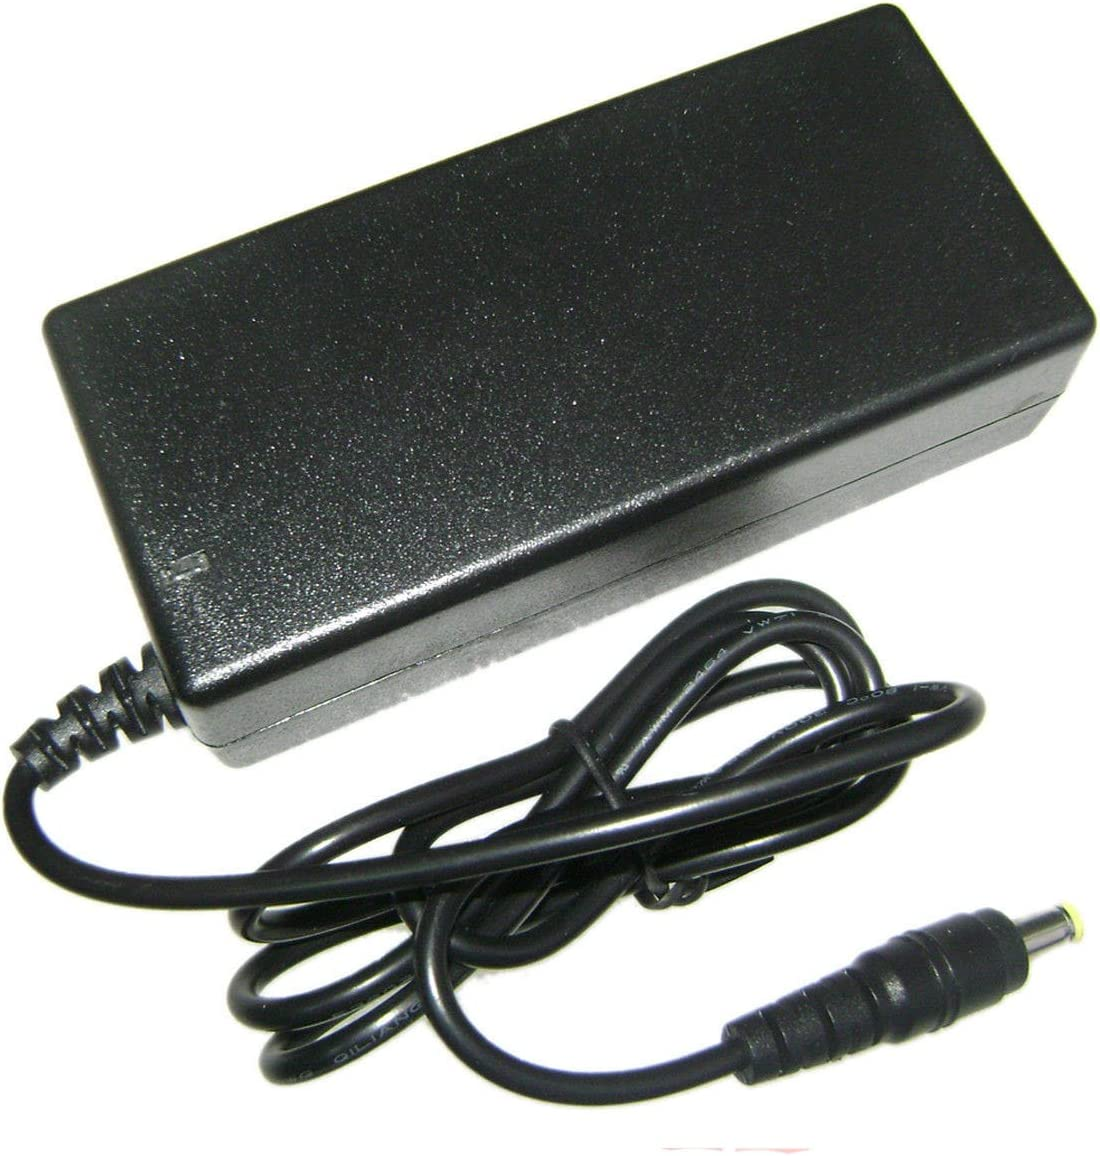 バッテリー充電器16.8 V 2.5 Aインテリジェントスマートfor 14.4 V 14.8 VリチウムイオンLipoセルEUT